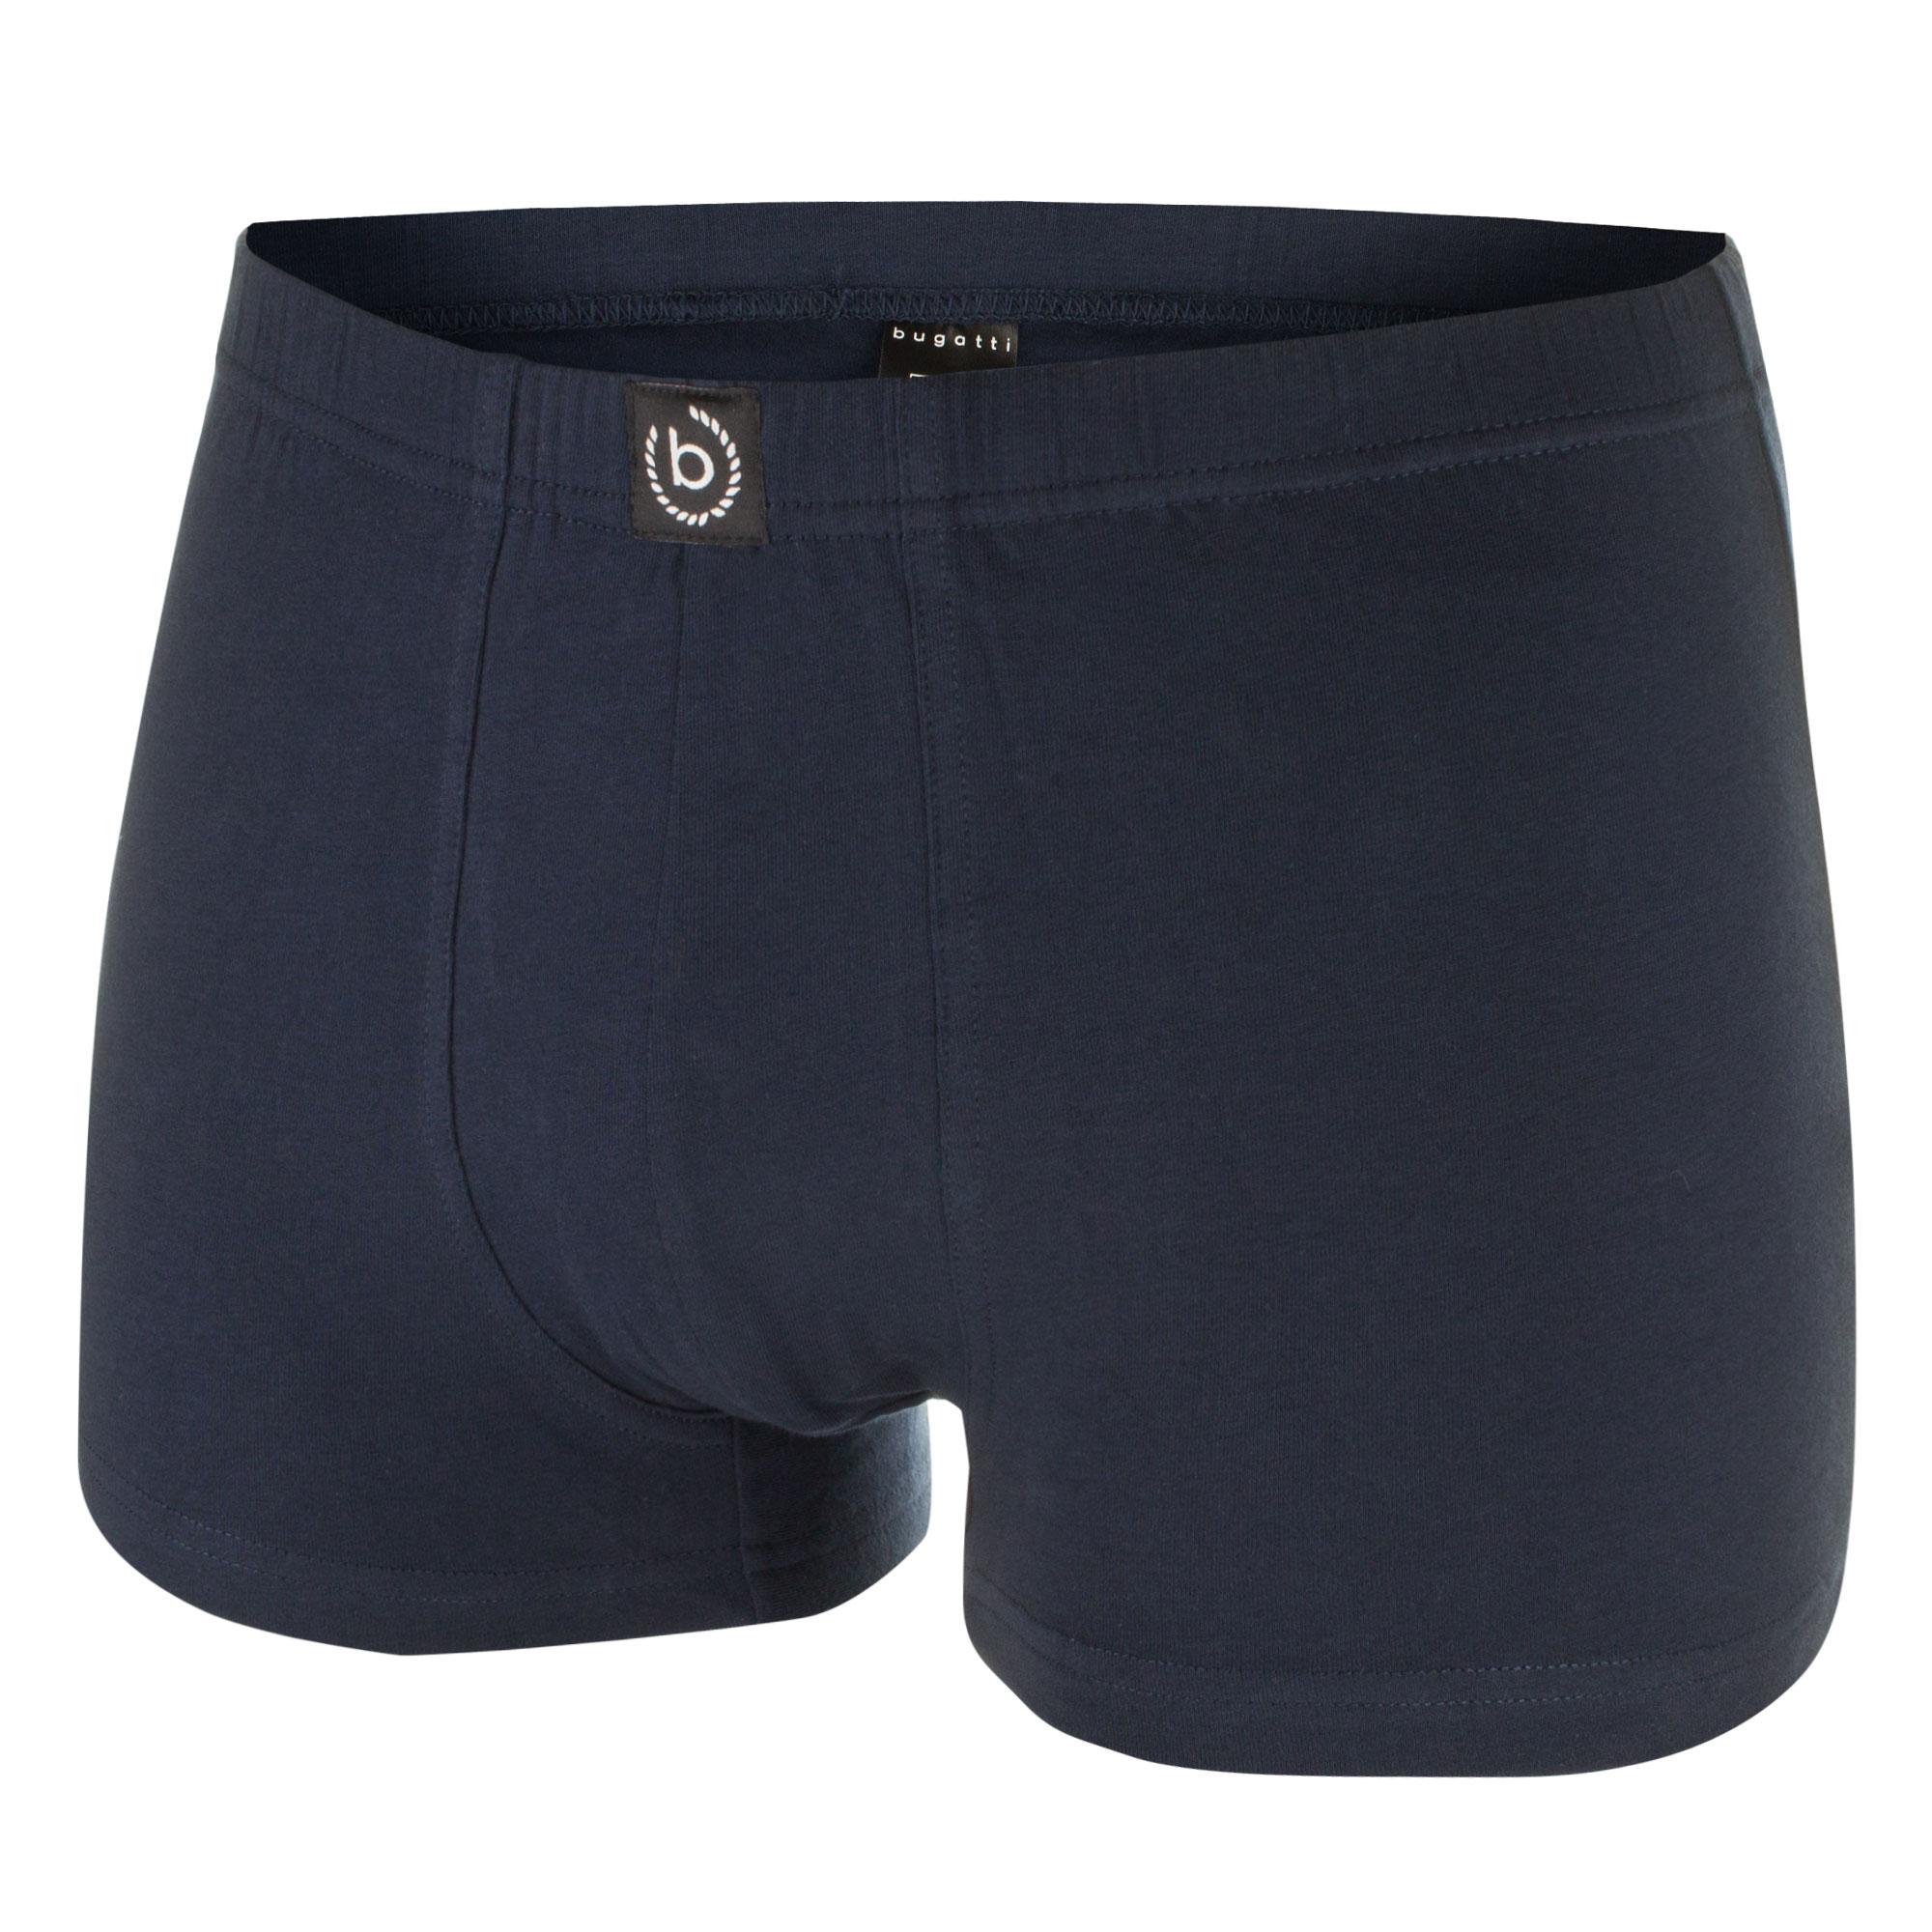 bugatti Herren Boxershorts / Pants in einer Box, 3 Stück – Bild 6